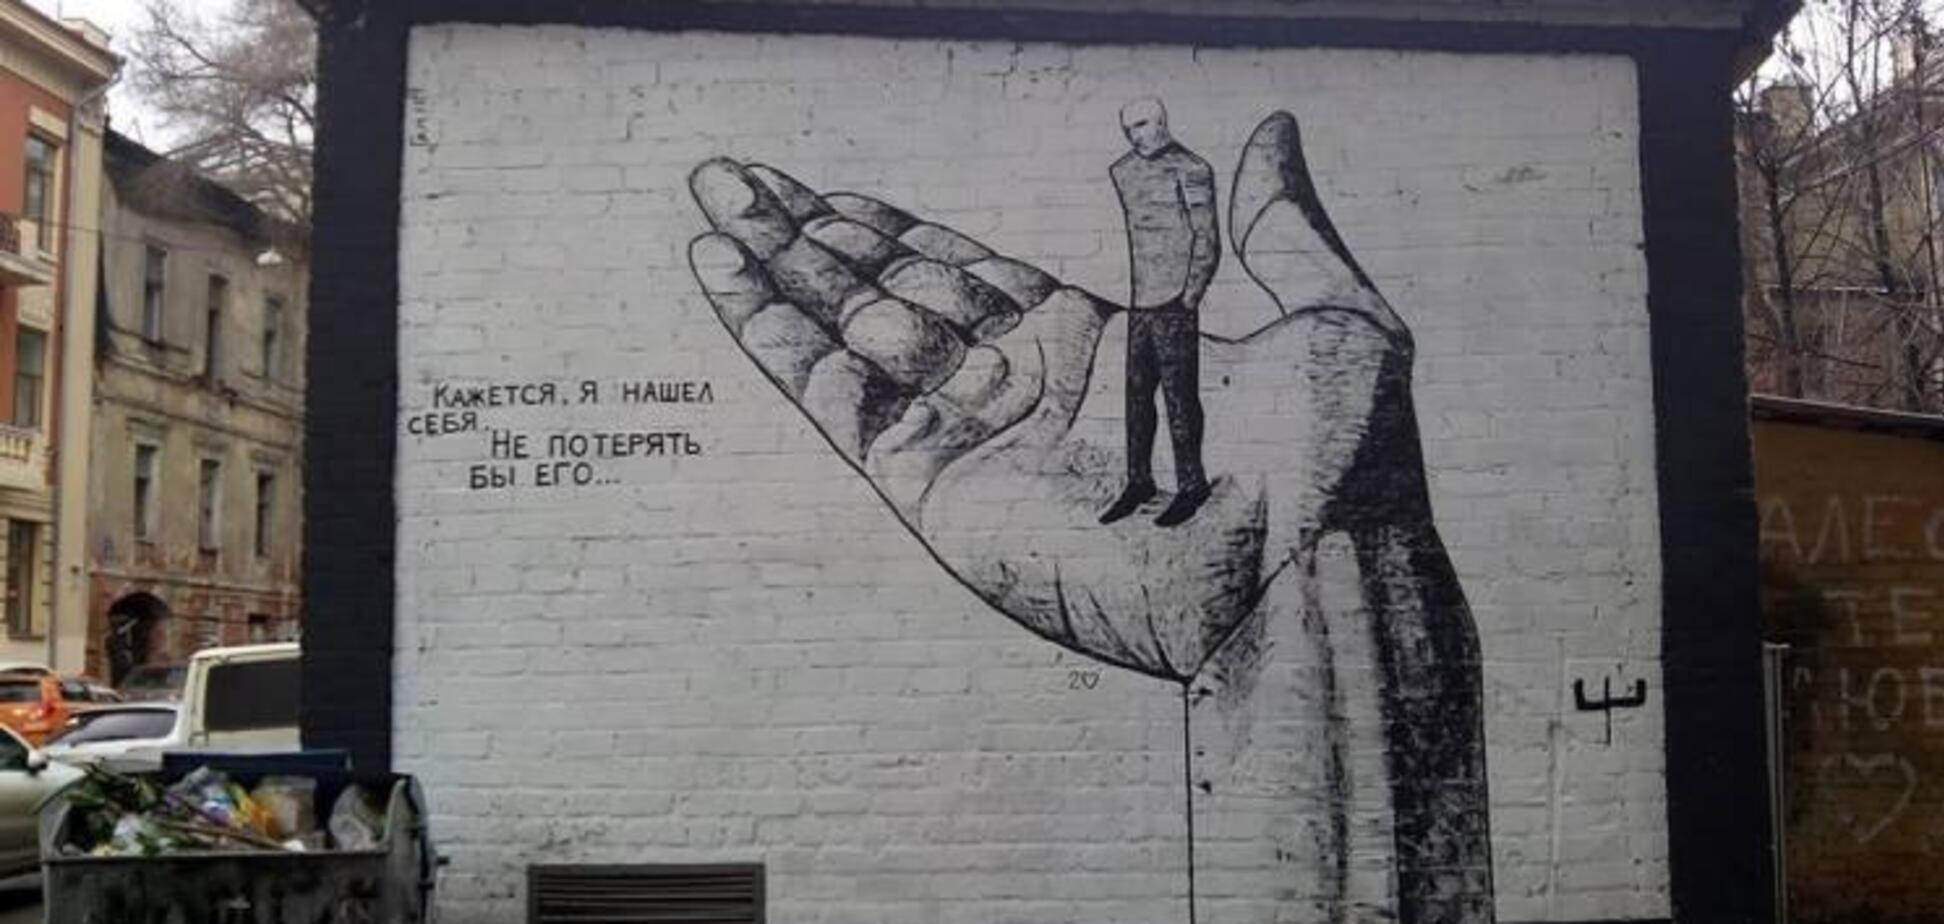 'Шизофренія, а не мистецтво': в центрі Харкова зіпсували відомий стріт-арт